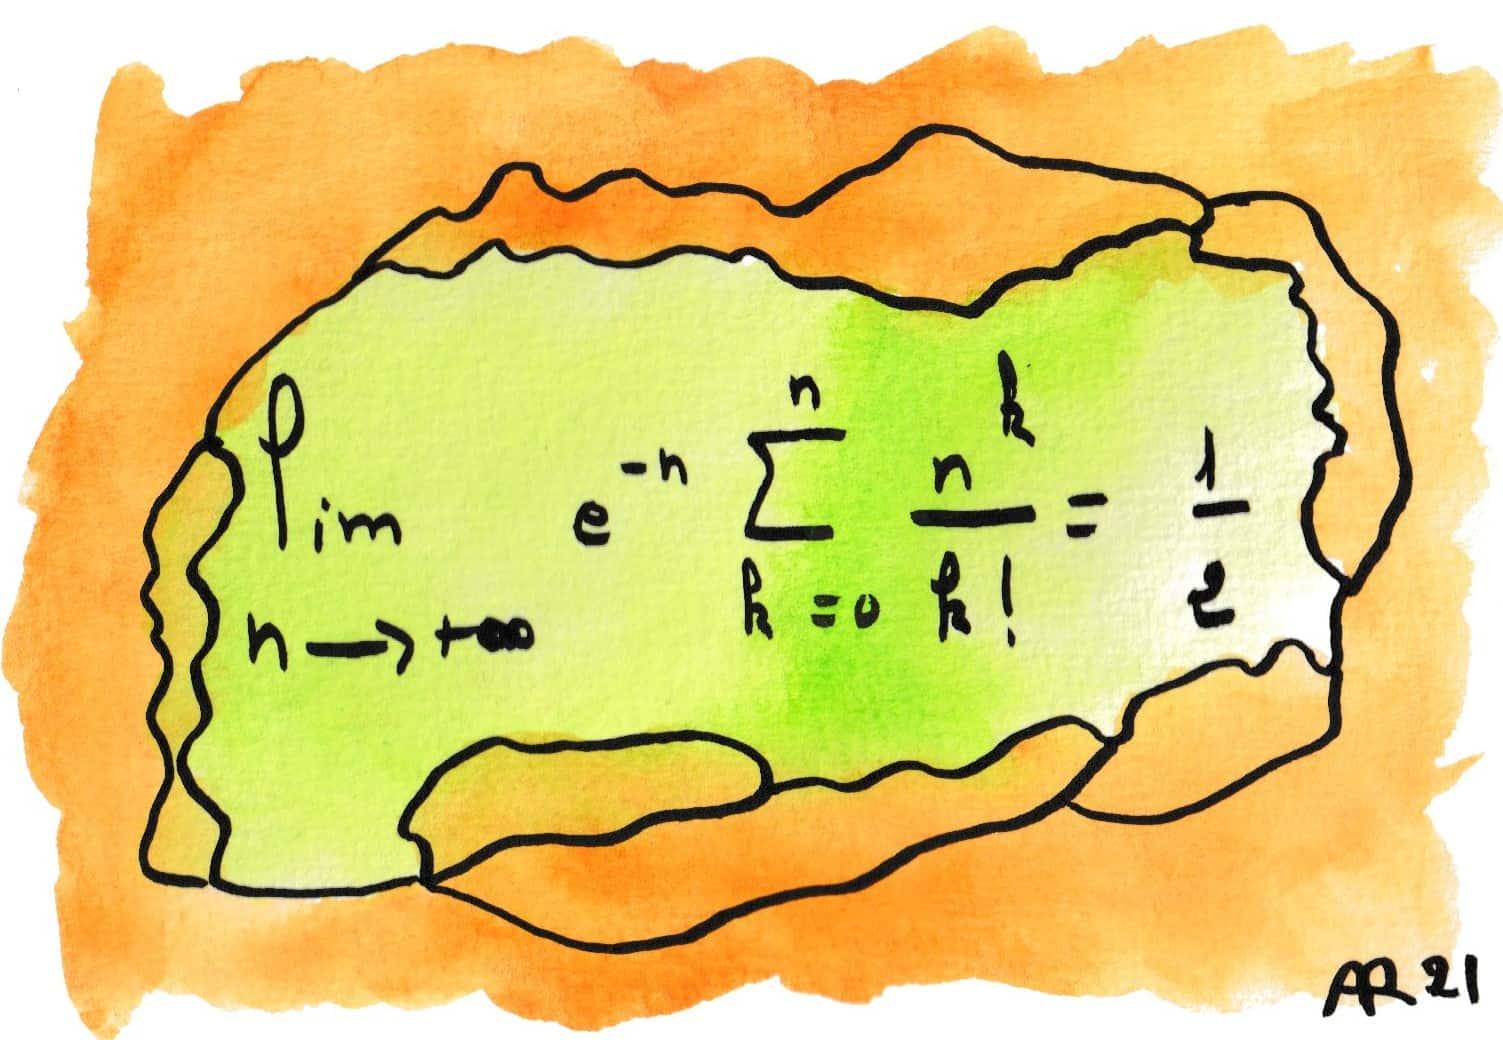 La beauté des formules de mathématiques 17